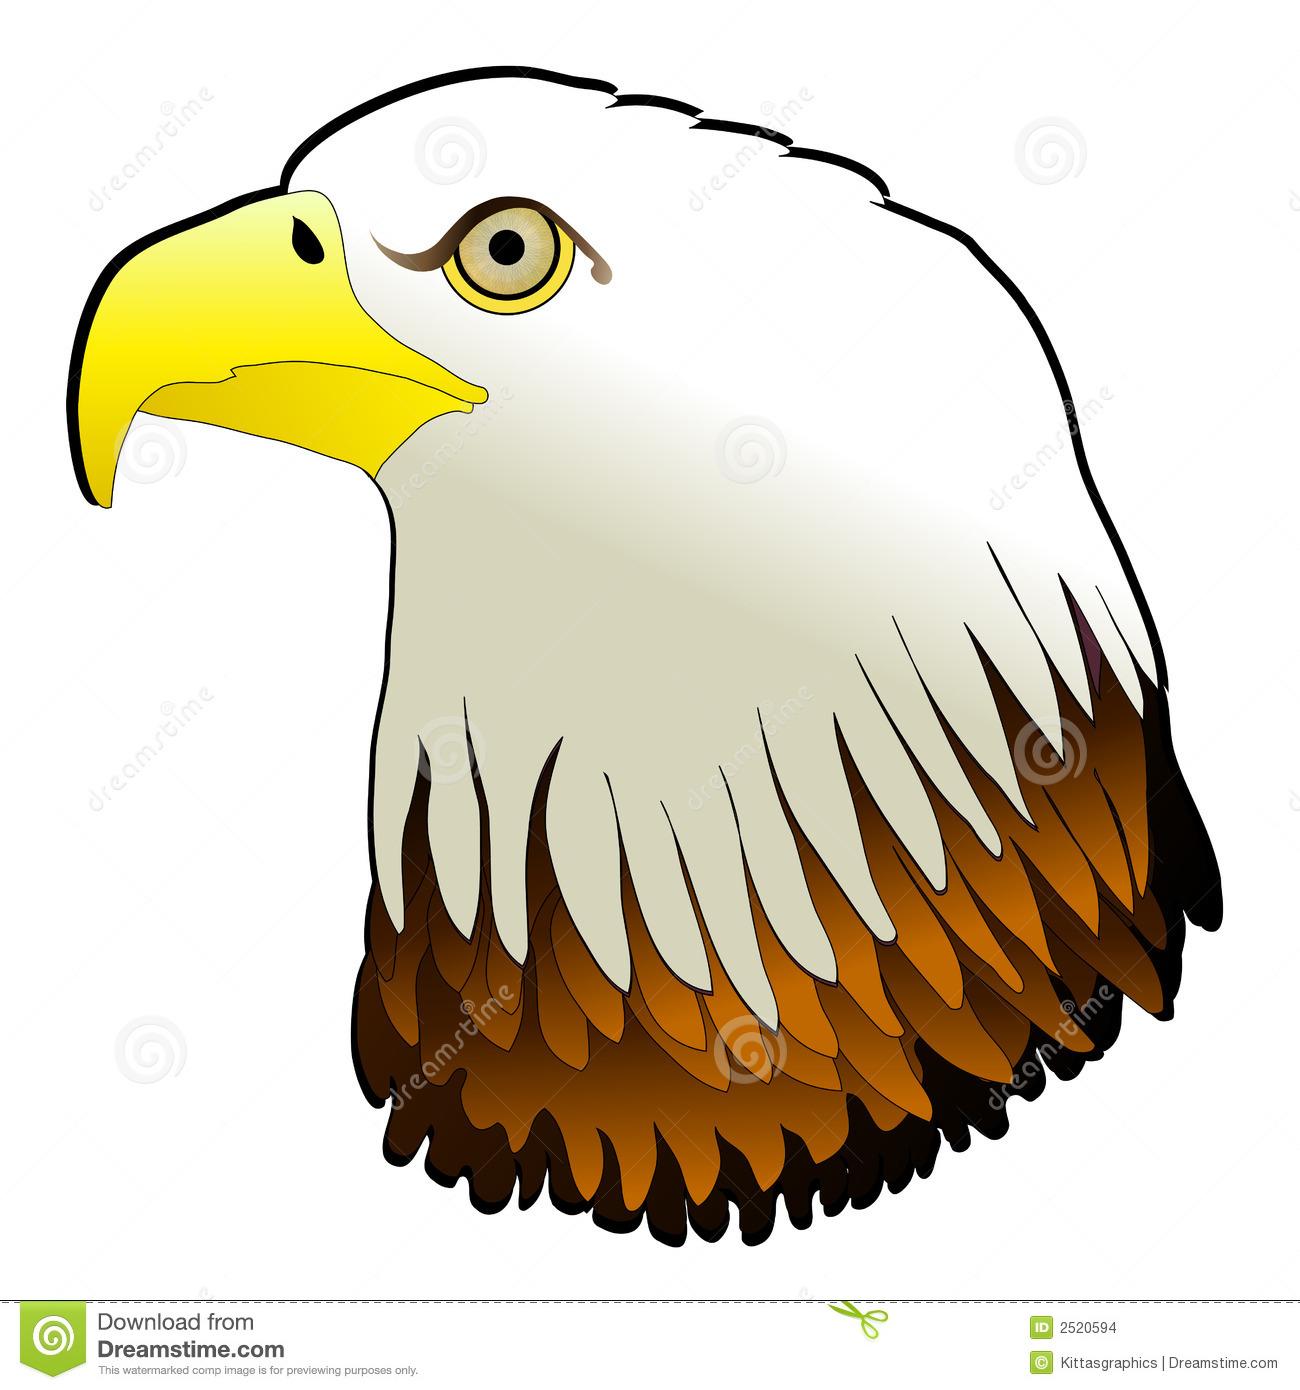 free bald eagle clipart - photo #21